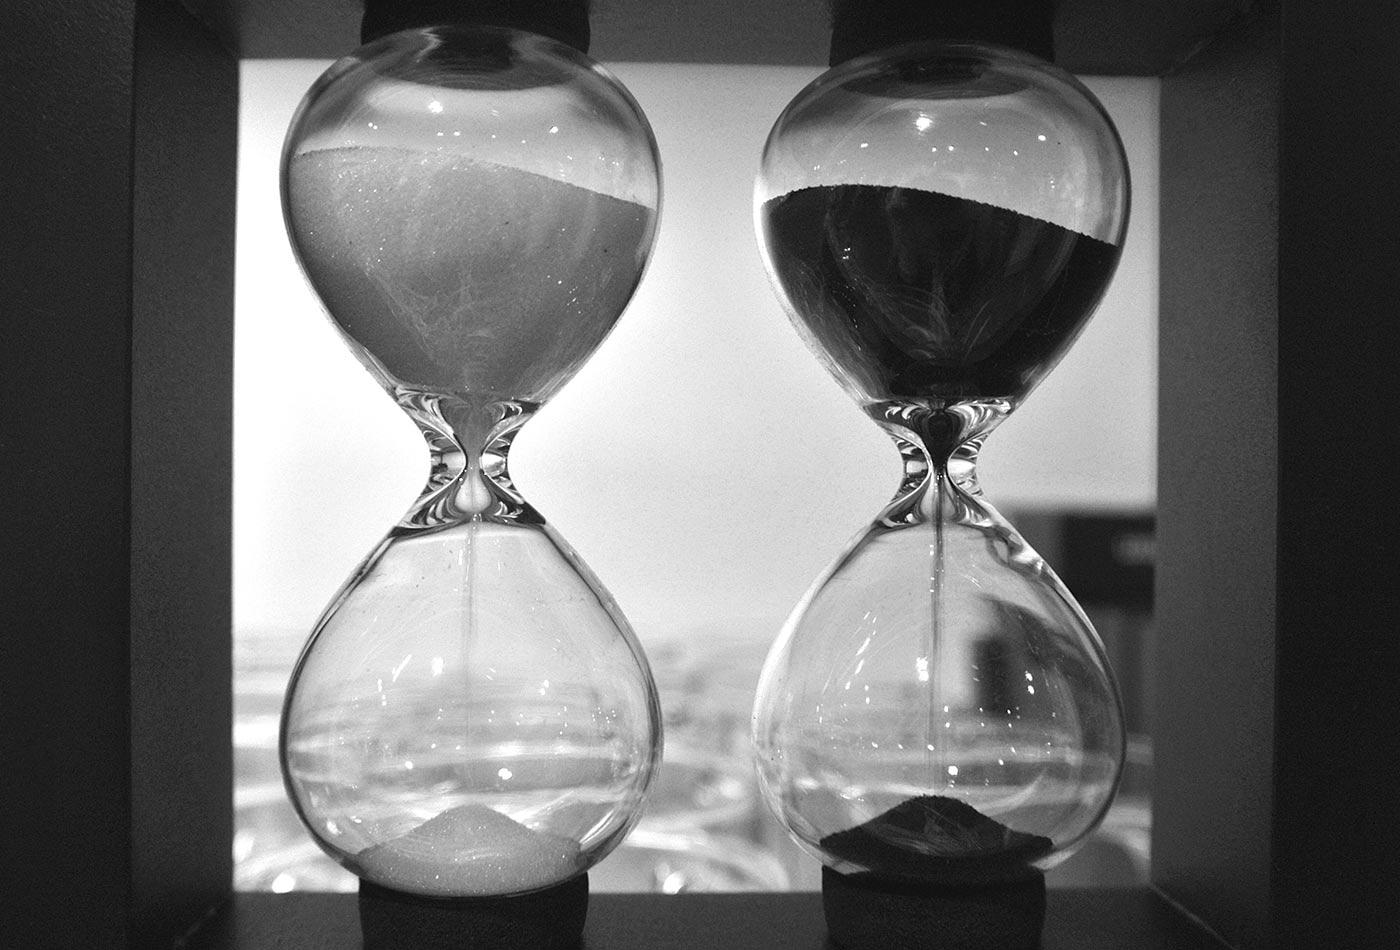 Hourglass comparison.